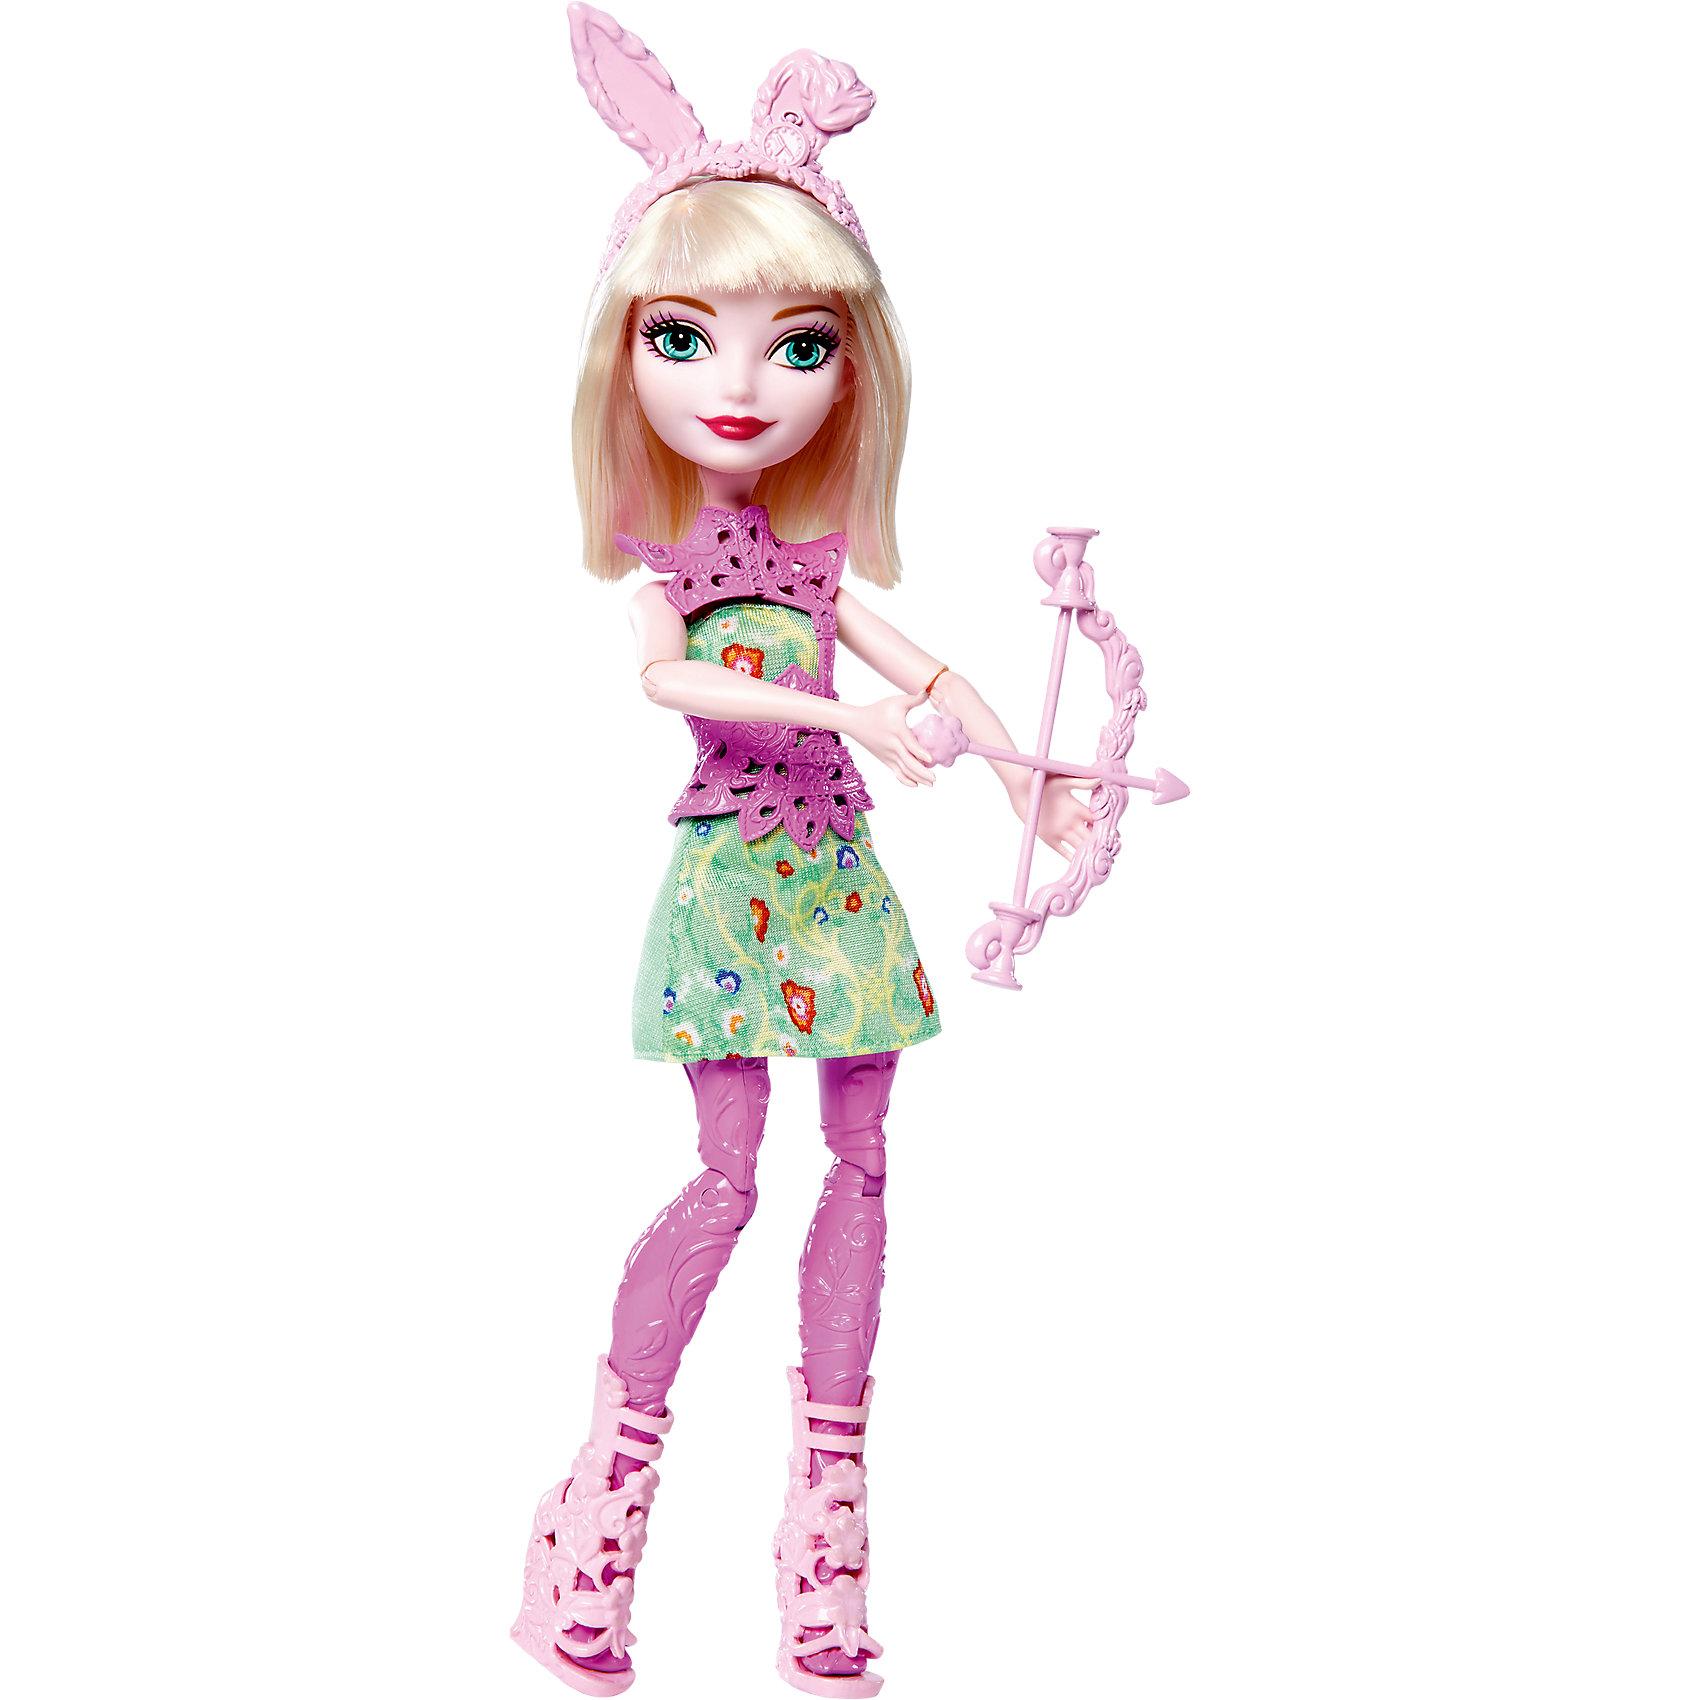 Кукла лучница Банни Бланк, Ever After HighEver After High<br>Кукла лучница Банни Бланк, Ever After High.<br><br>Характеристики:<br><br>• В комплекте: кукла-лучница Ever After High в модной одежде и аксессуарах, с луком и стрелой<br>• Высота куклы: 26 см.<br>• Материал: пластик<br>• Упаковка: блистер<br>• Размер упаковки: 33x26x5 см.<br><br>Придумывай невероятные сюжеты с куклой лучницей Банни Бланк из школы Ever After High, которая решила научиться стрельбе из лука! Кукла держит в руках очаровательный лук со стрелой. Банни Бланк одета в платье с цветочным узором. <br><br>Дополняют наряд потрясающие босоножки, стильный защитный жилет и ободок с ушками. Ножки куклы сделаны из пластика сиреневого цвета с фактурой, имитирующей ткань леггинсов. У куклы светлые волосы, большие выразительные глаза и милая улыбка. Руки и ноги подвижны: сгибаются колени, локти и кисти.<br><br>Куклу лучницу Банни Бланк, Ever After High можно купить в нашем интернет-магазине.<br><br>Ширина мм: 328<br>Глубина мм: 155<br>Высота мм: 50<br>Вес г: 167<br>Возраст от месяцев: 72<br>Возраст до месяцев: 120<br>Пол: Женский<br>Возраст: Детский<br>SKU: 5257101